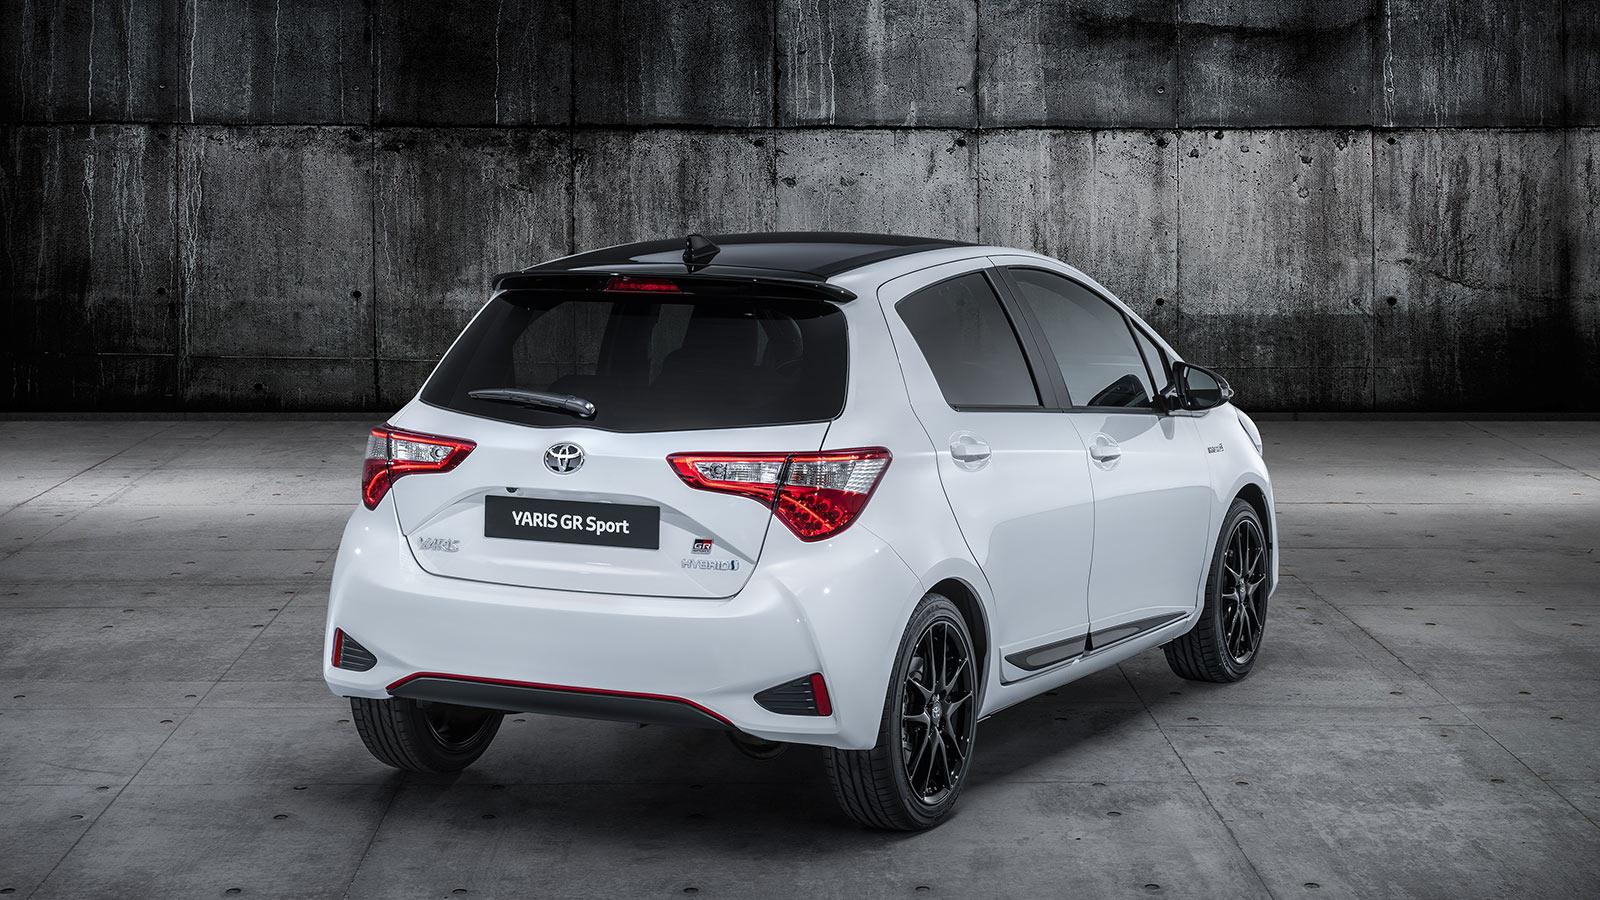 Kelebihan Kekurangan Toyota Yaris Gr Sport Top Model Tahun Ini